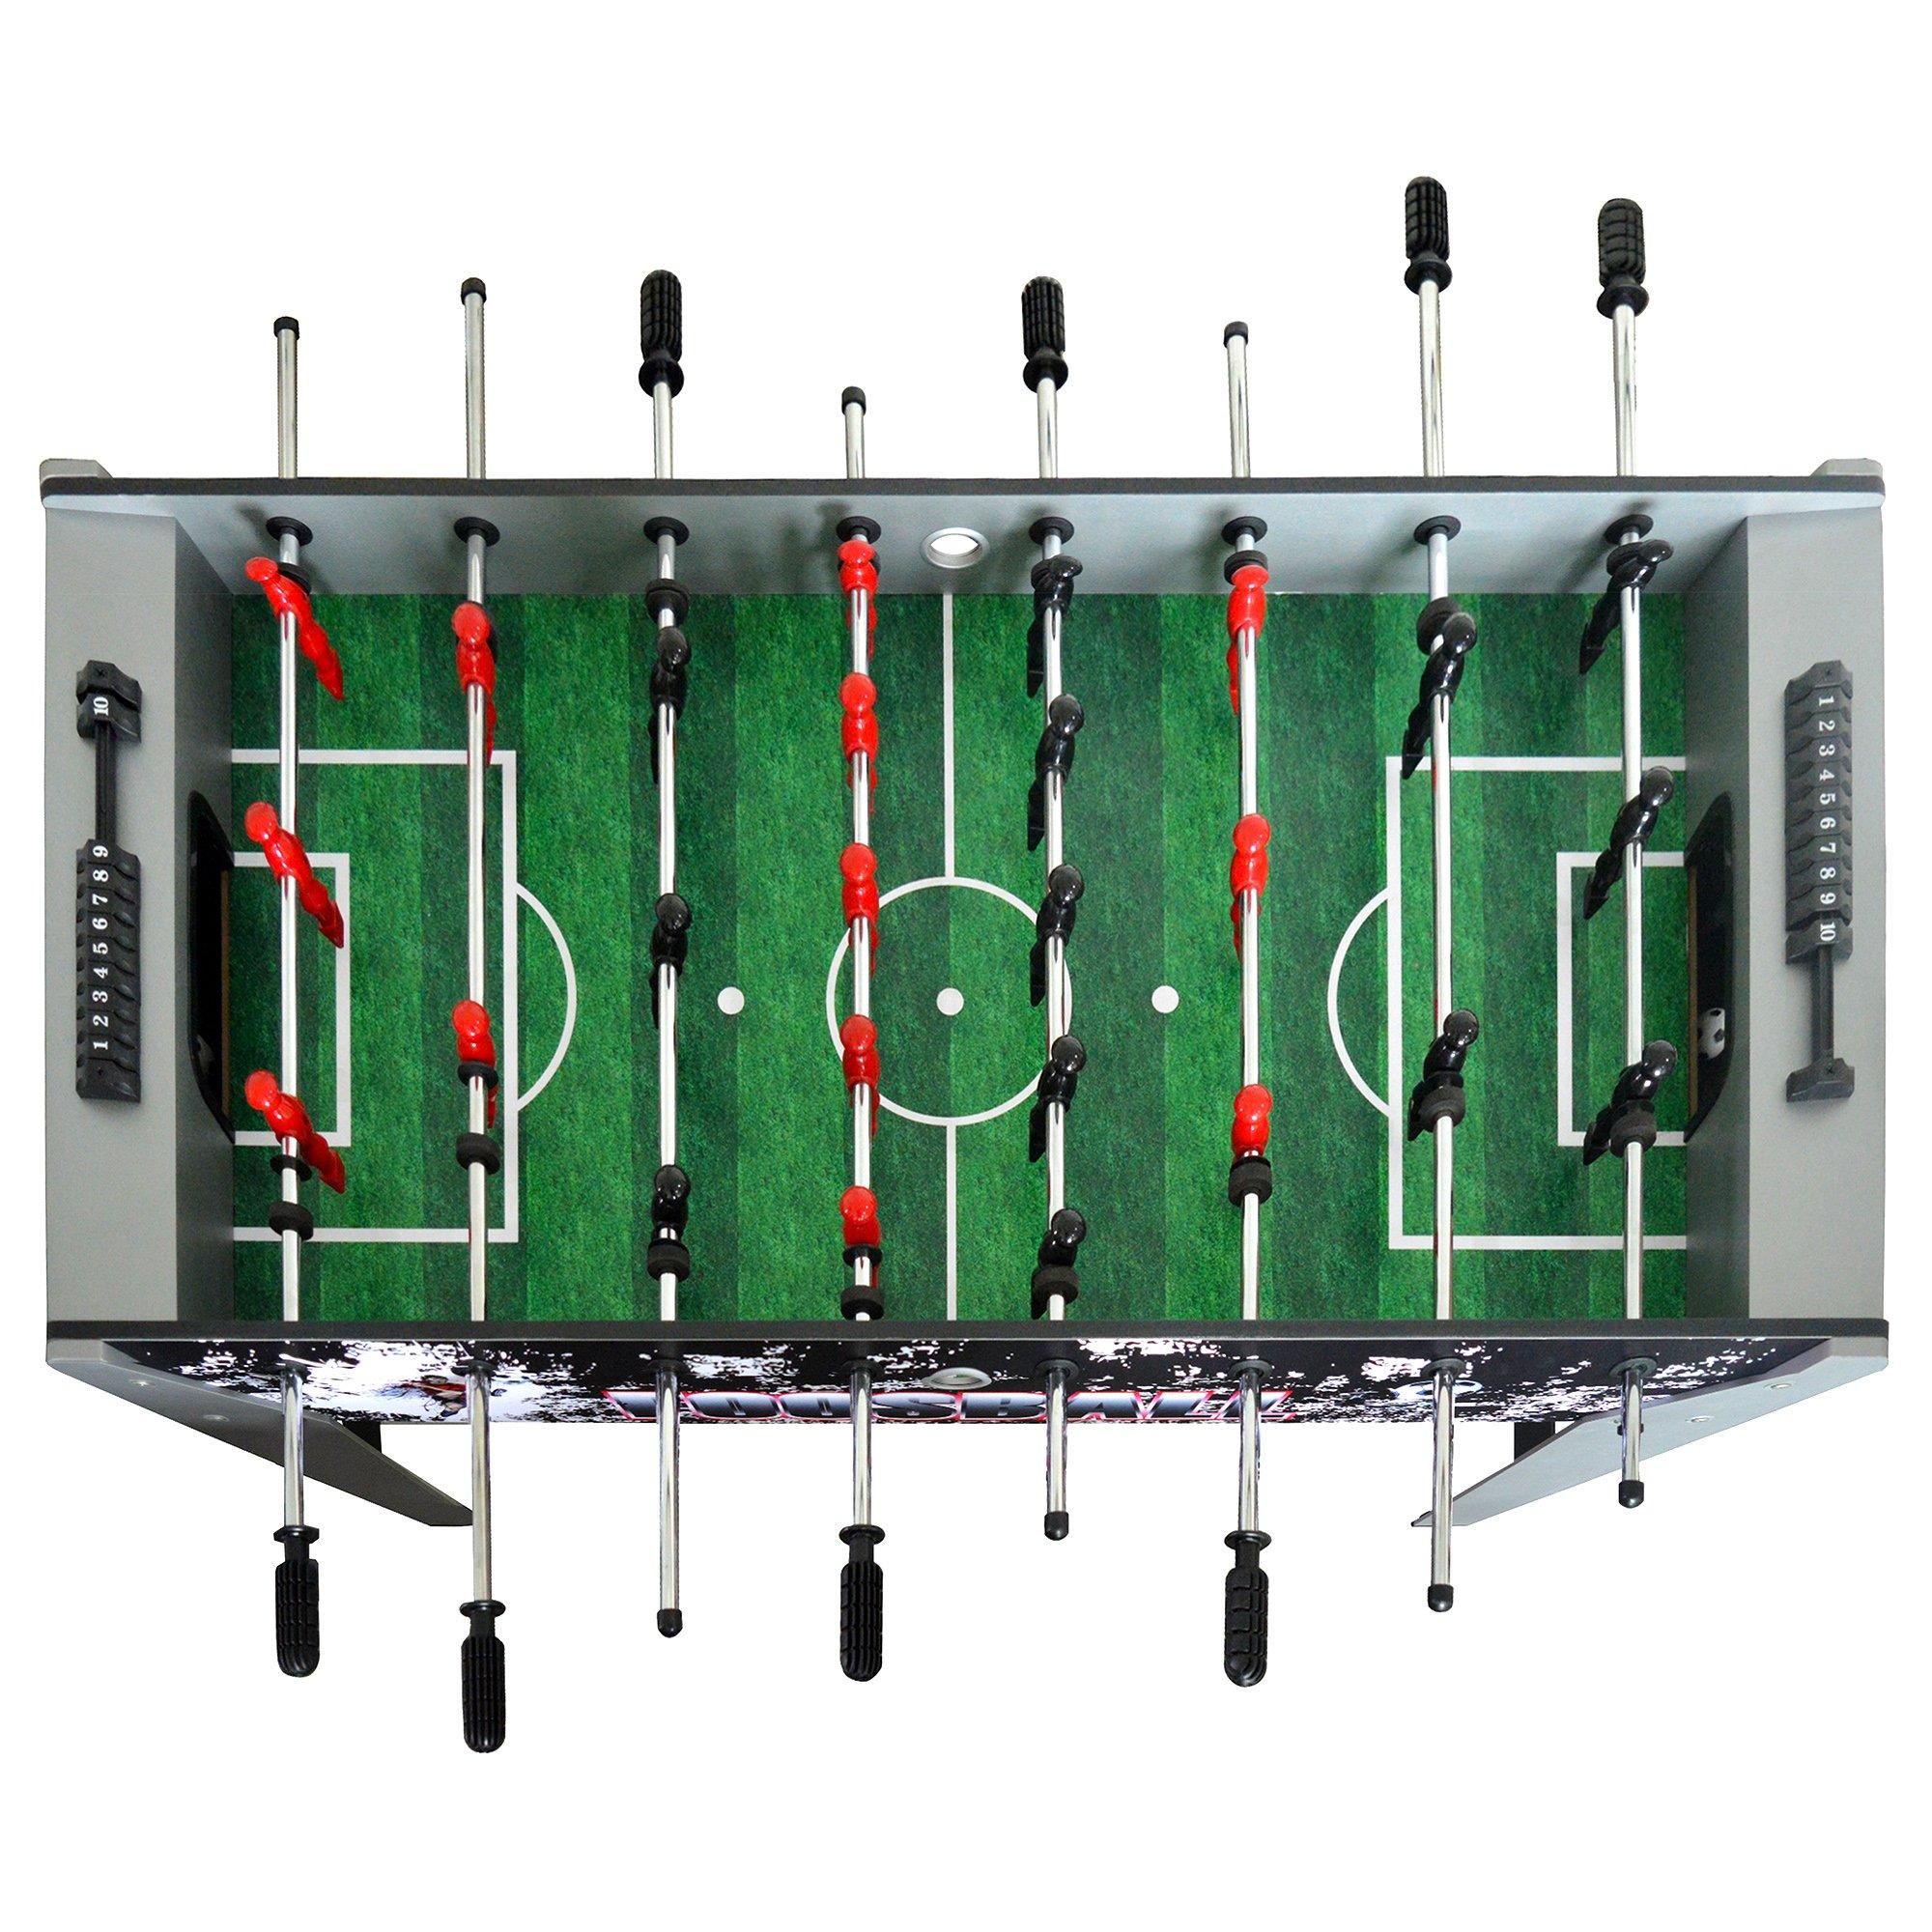 Hathaway Avalancha 48-in futbolín negro: Amazon.es: Deportes y aire libre